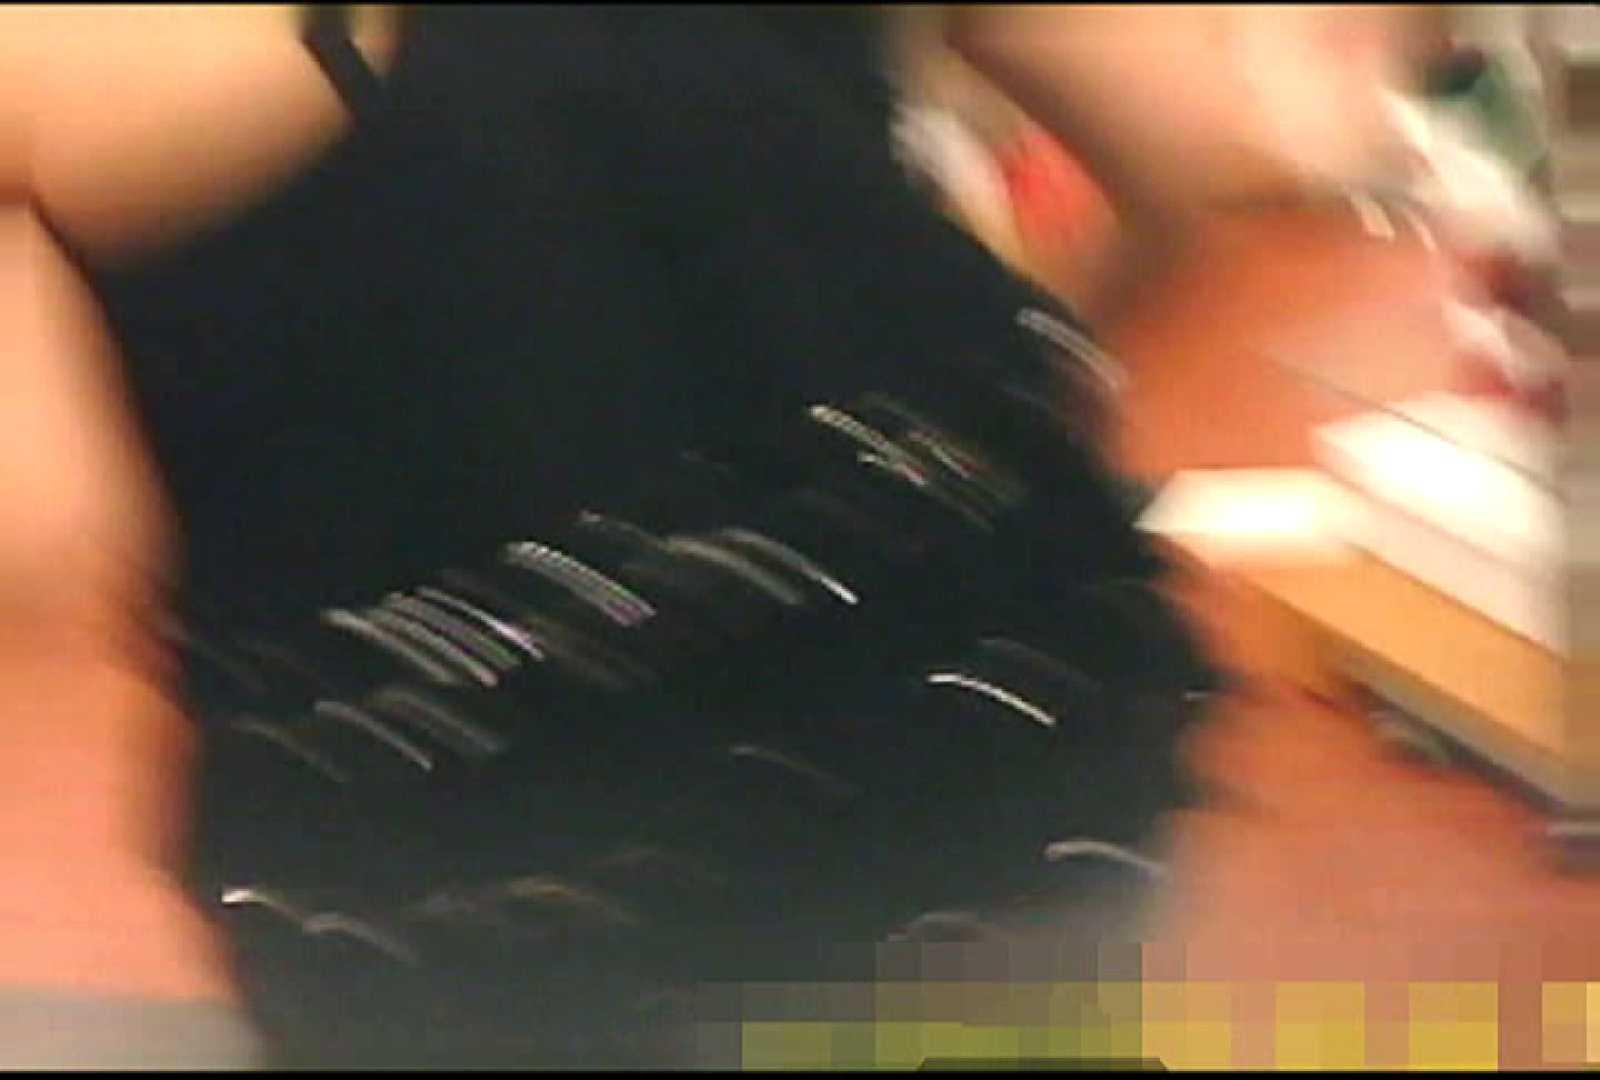 「ノゾキスト」さんの陰撮!!美女サルベージVol.1 エロティックなOL スケベ動画紹介 68画像 22